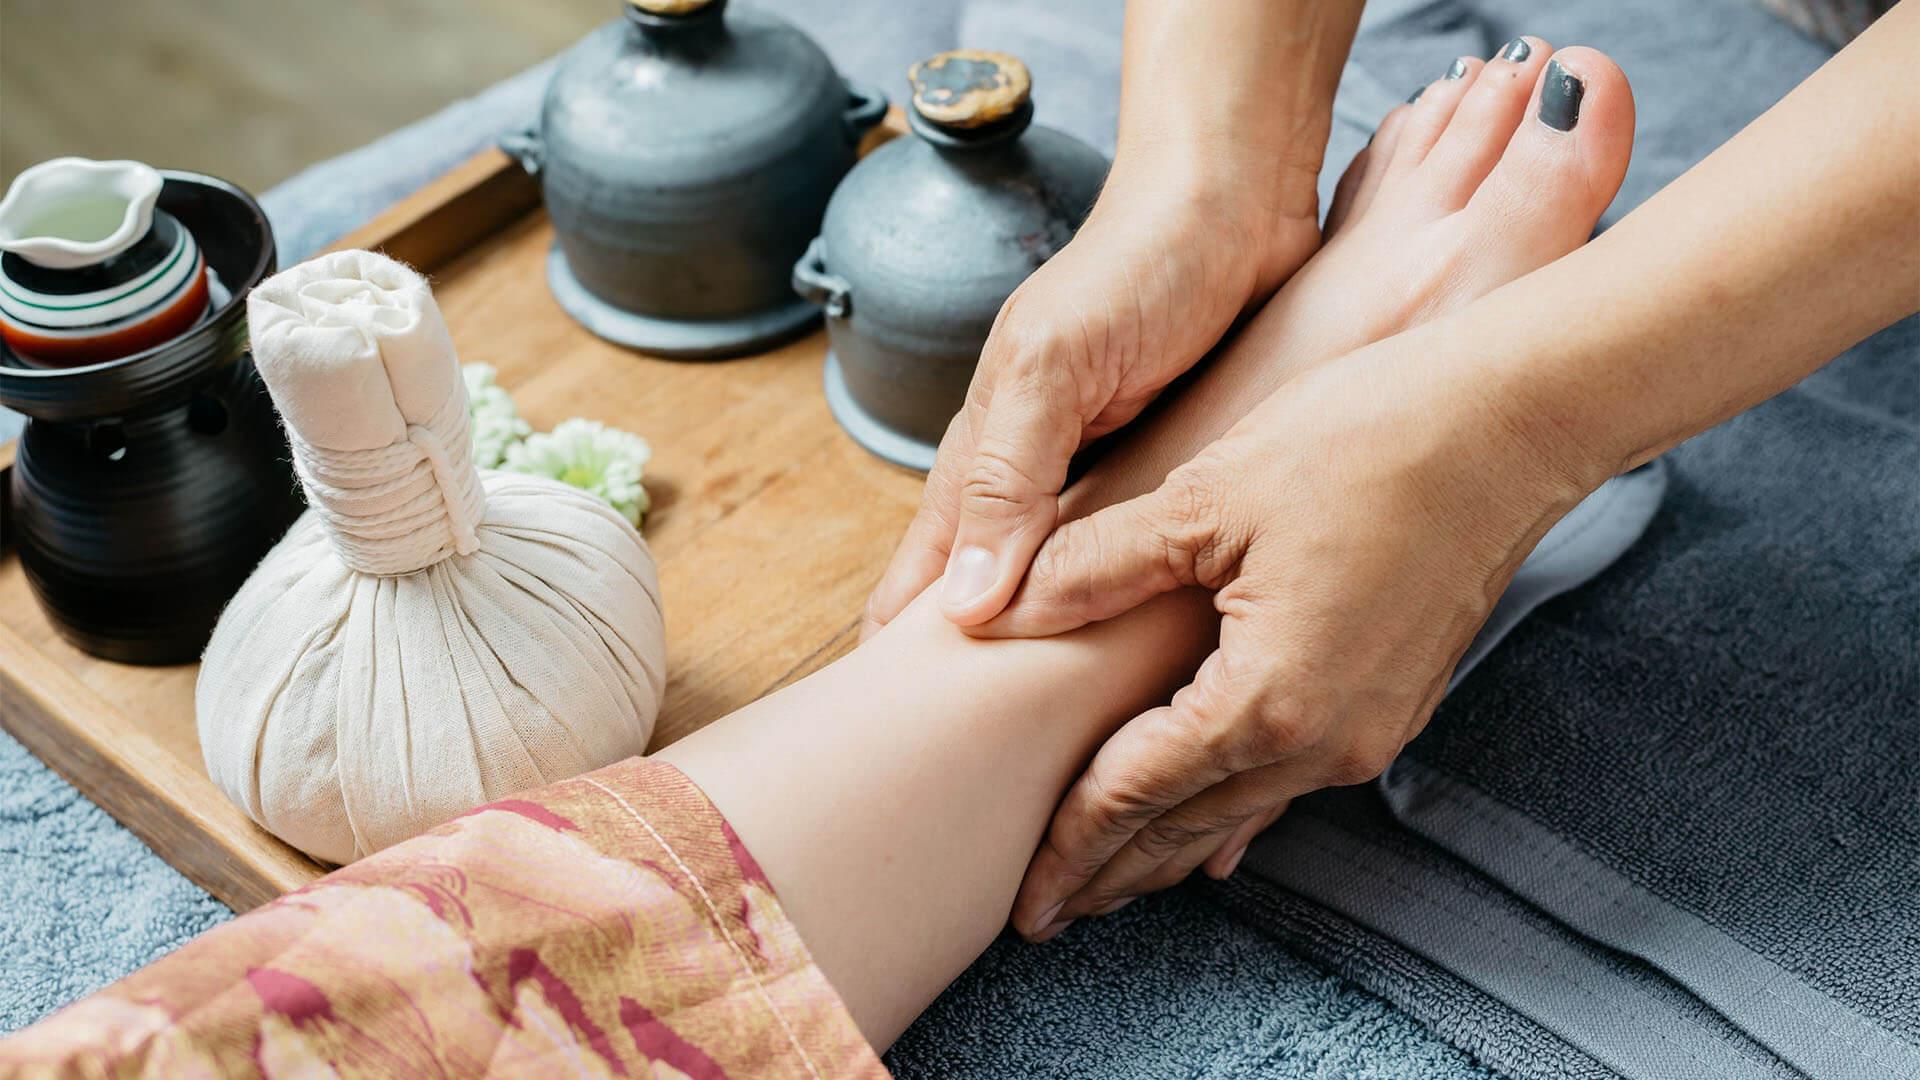 Fußreflexzonenmassage, bei der die Hände des Masseurs und ein Bein der zu massierenden Person sichtbar sind